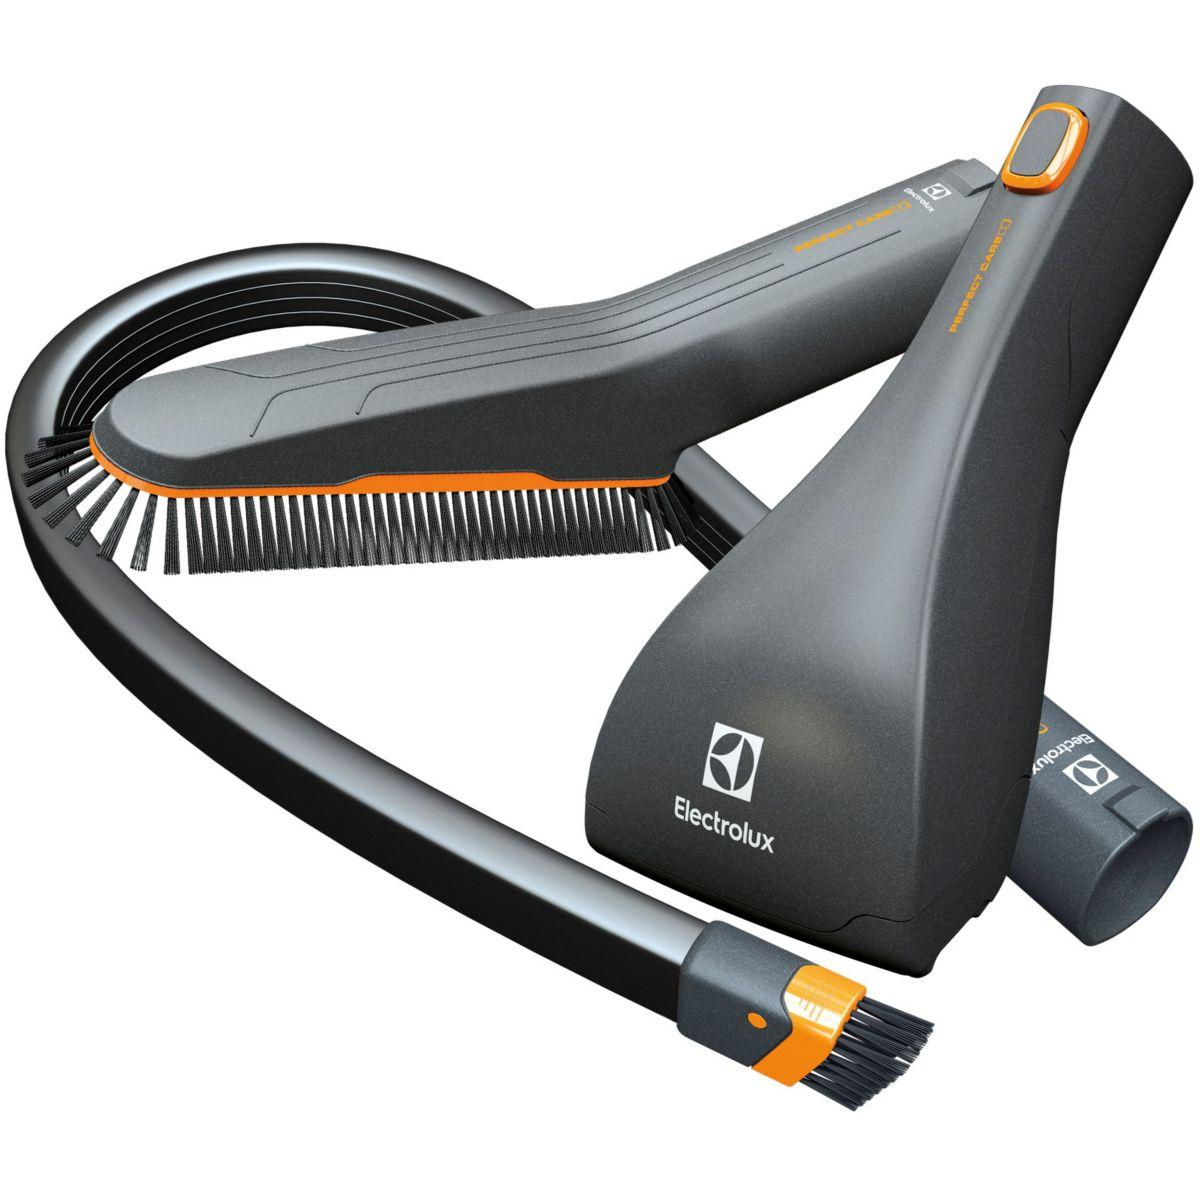 Kit electrolux kit 12 auto clean & tidy - 20% de remise imm�diate avec le code : wd20 (photo)